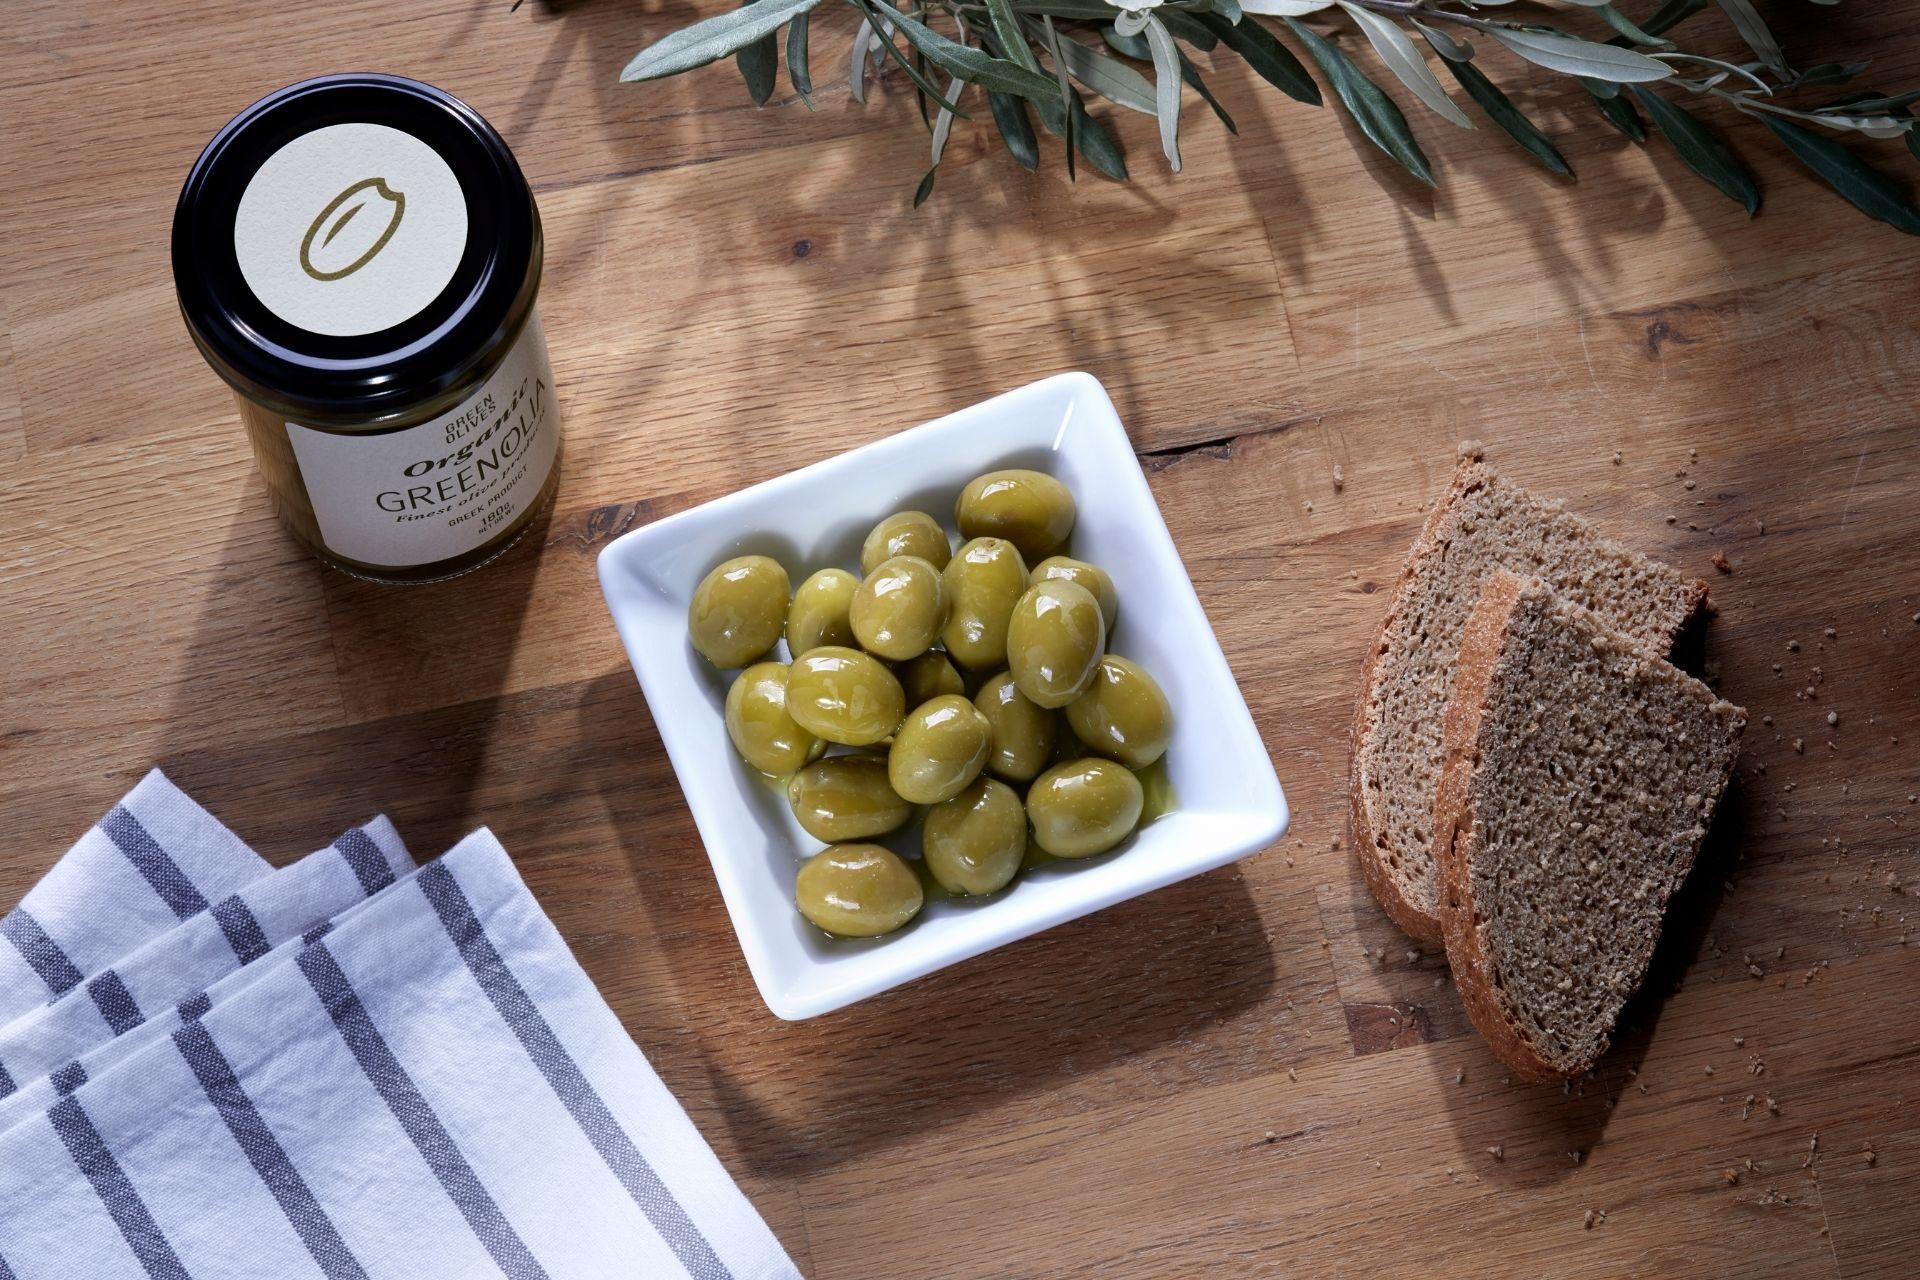 Πράσινη κονσερβολιά - Green olives | Green Conservolia - Προϊόντα - ελιες